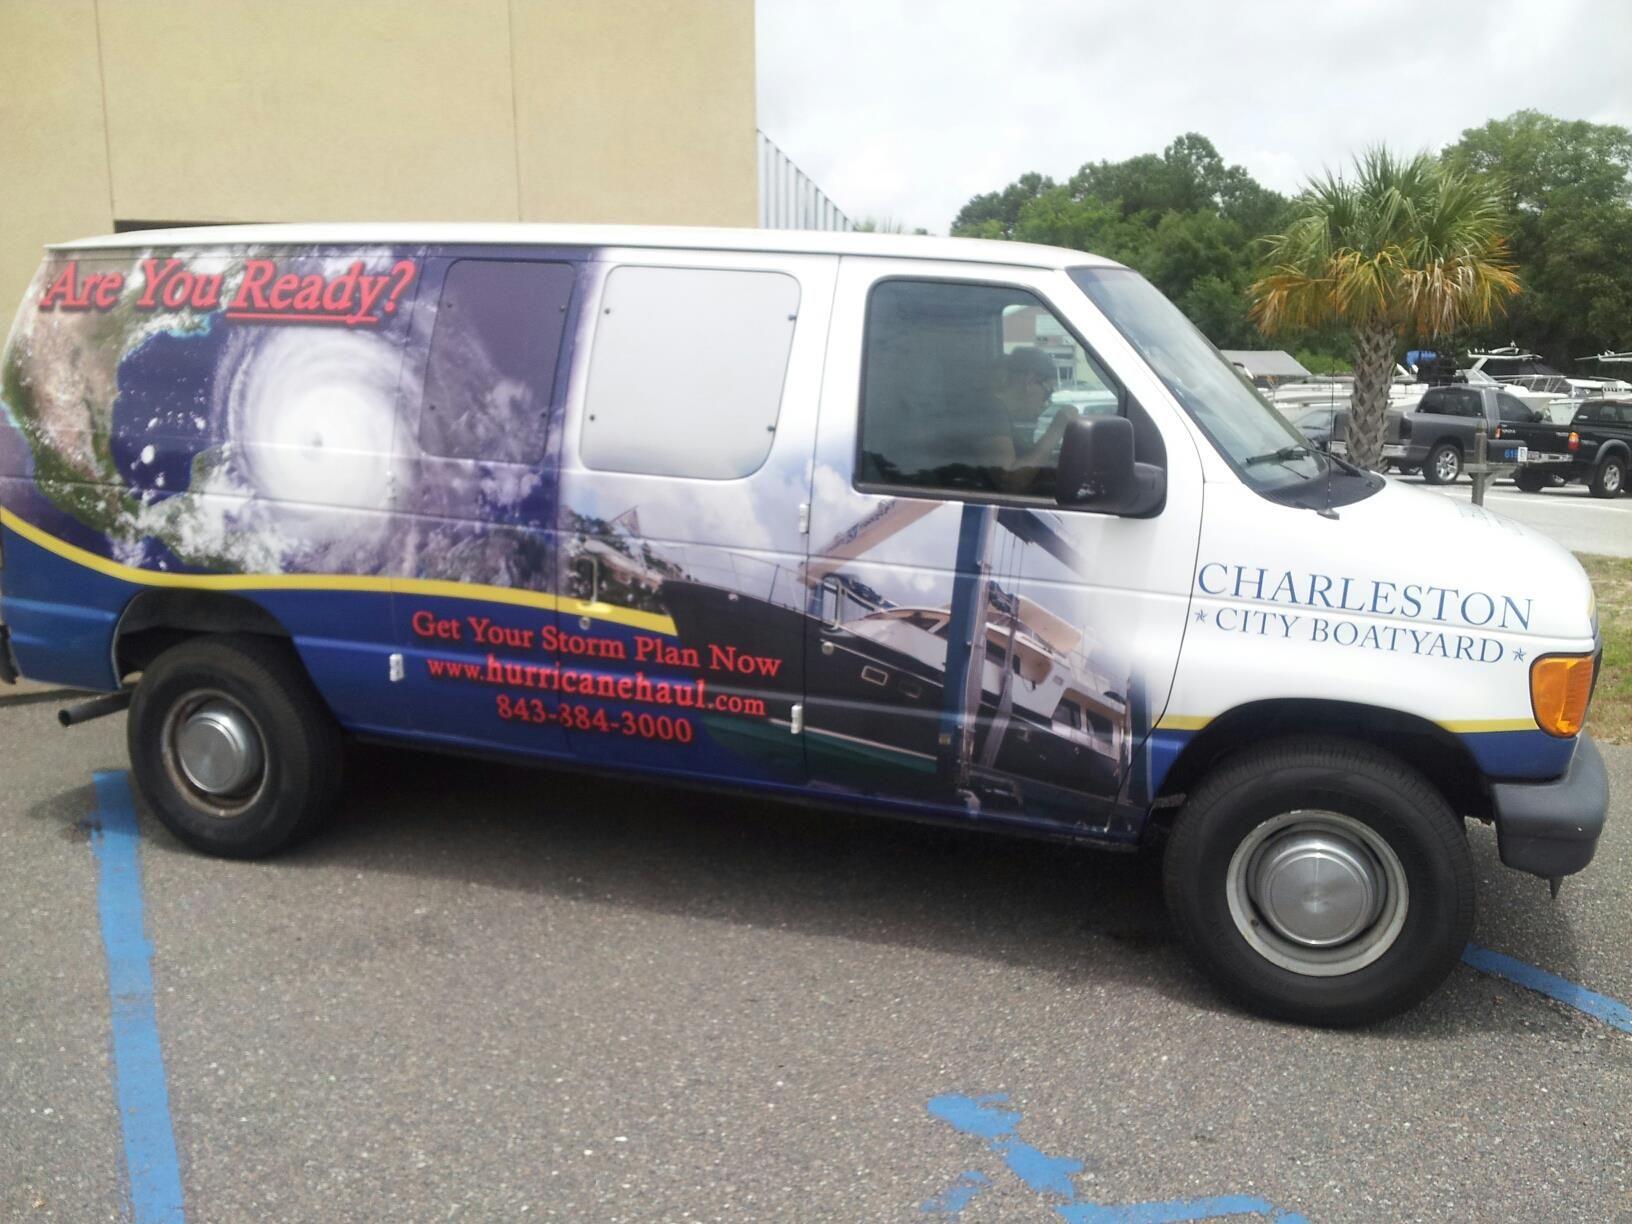 Charleston City Boat Yard Hurricane Van Completed By Pleasant Details Van Car Wrap Boat